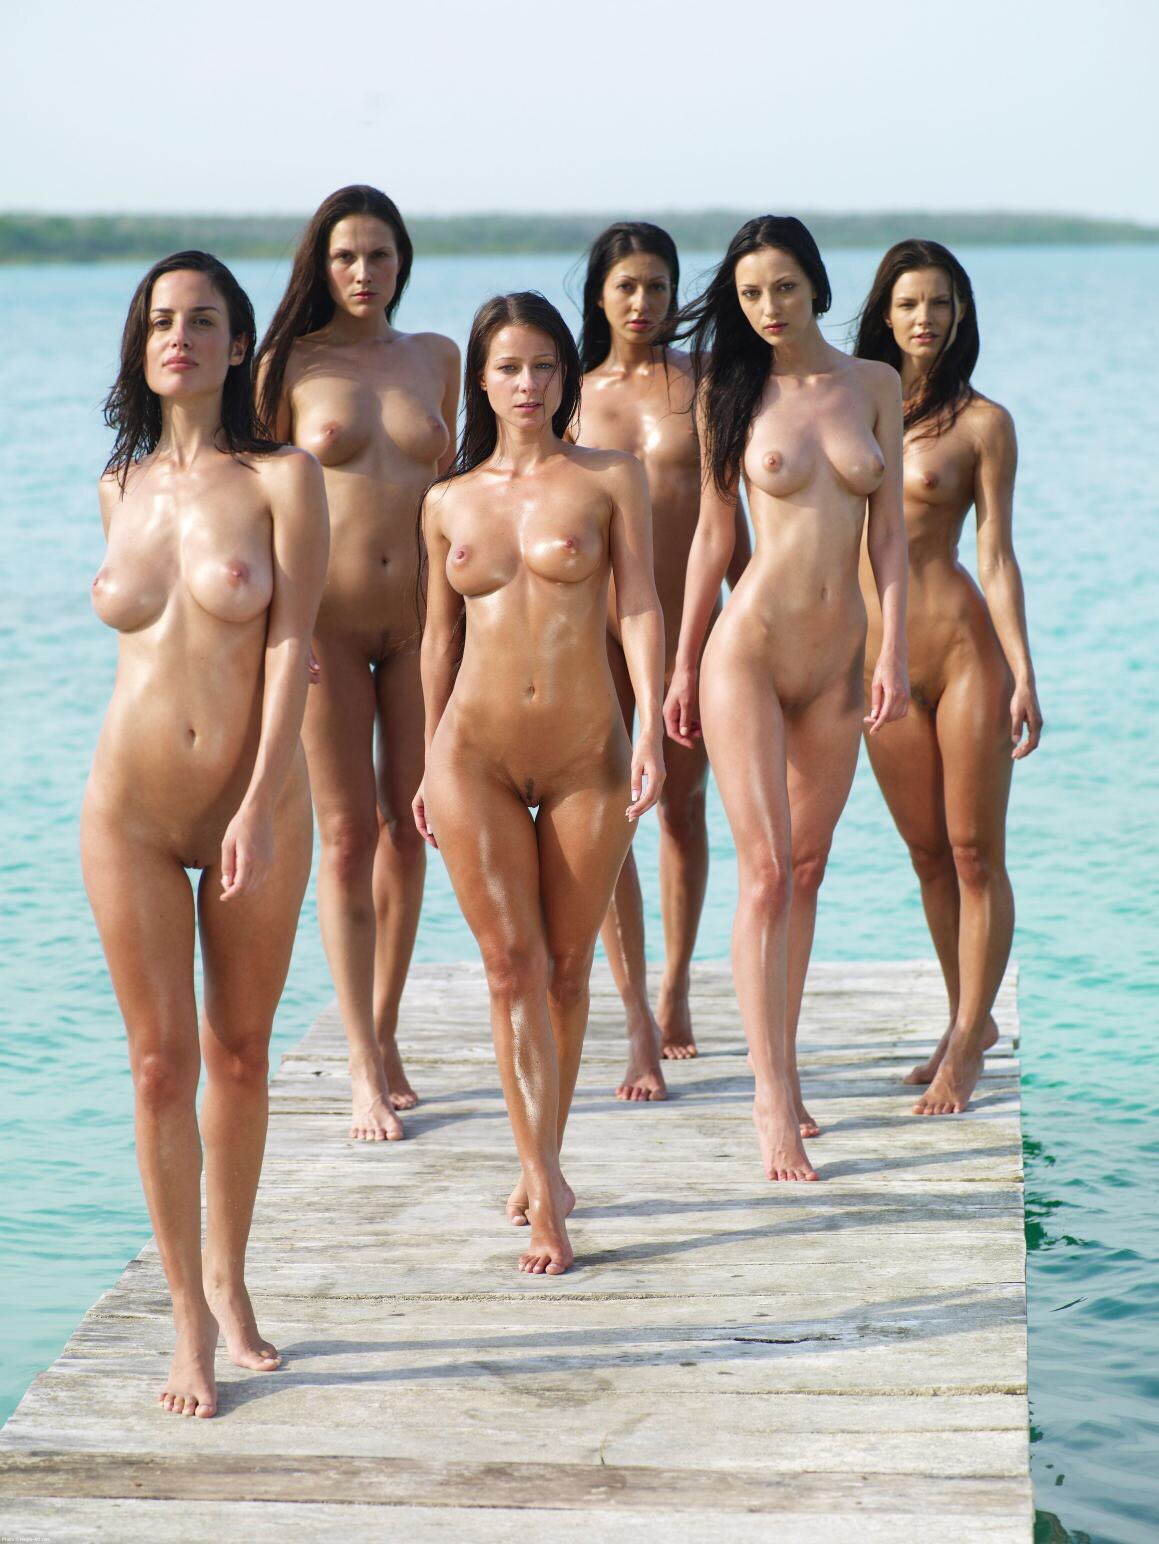 Смотреть голых женщин видео